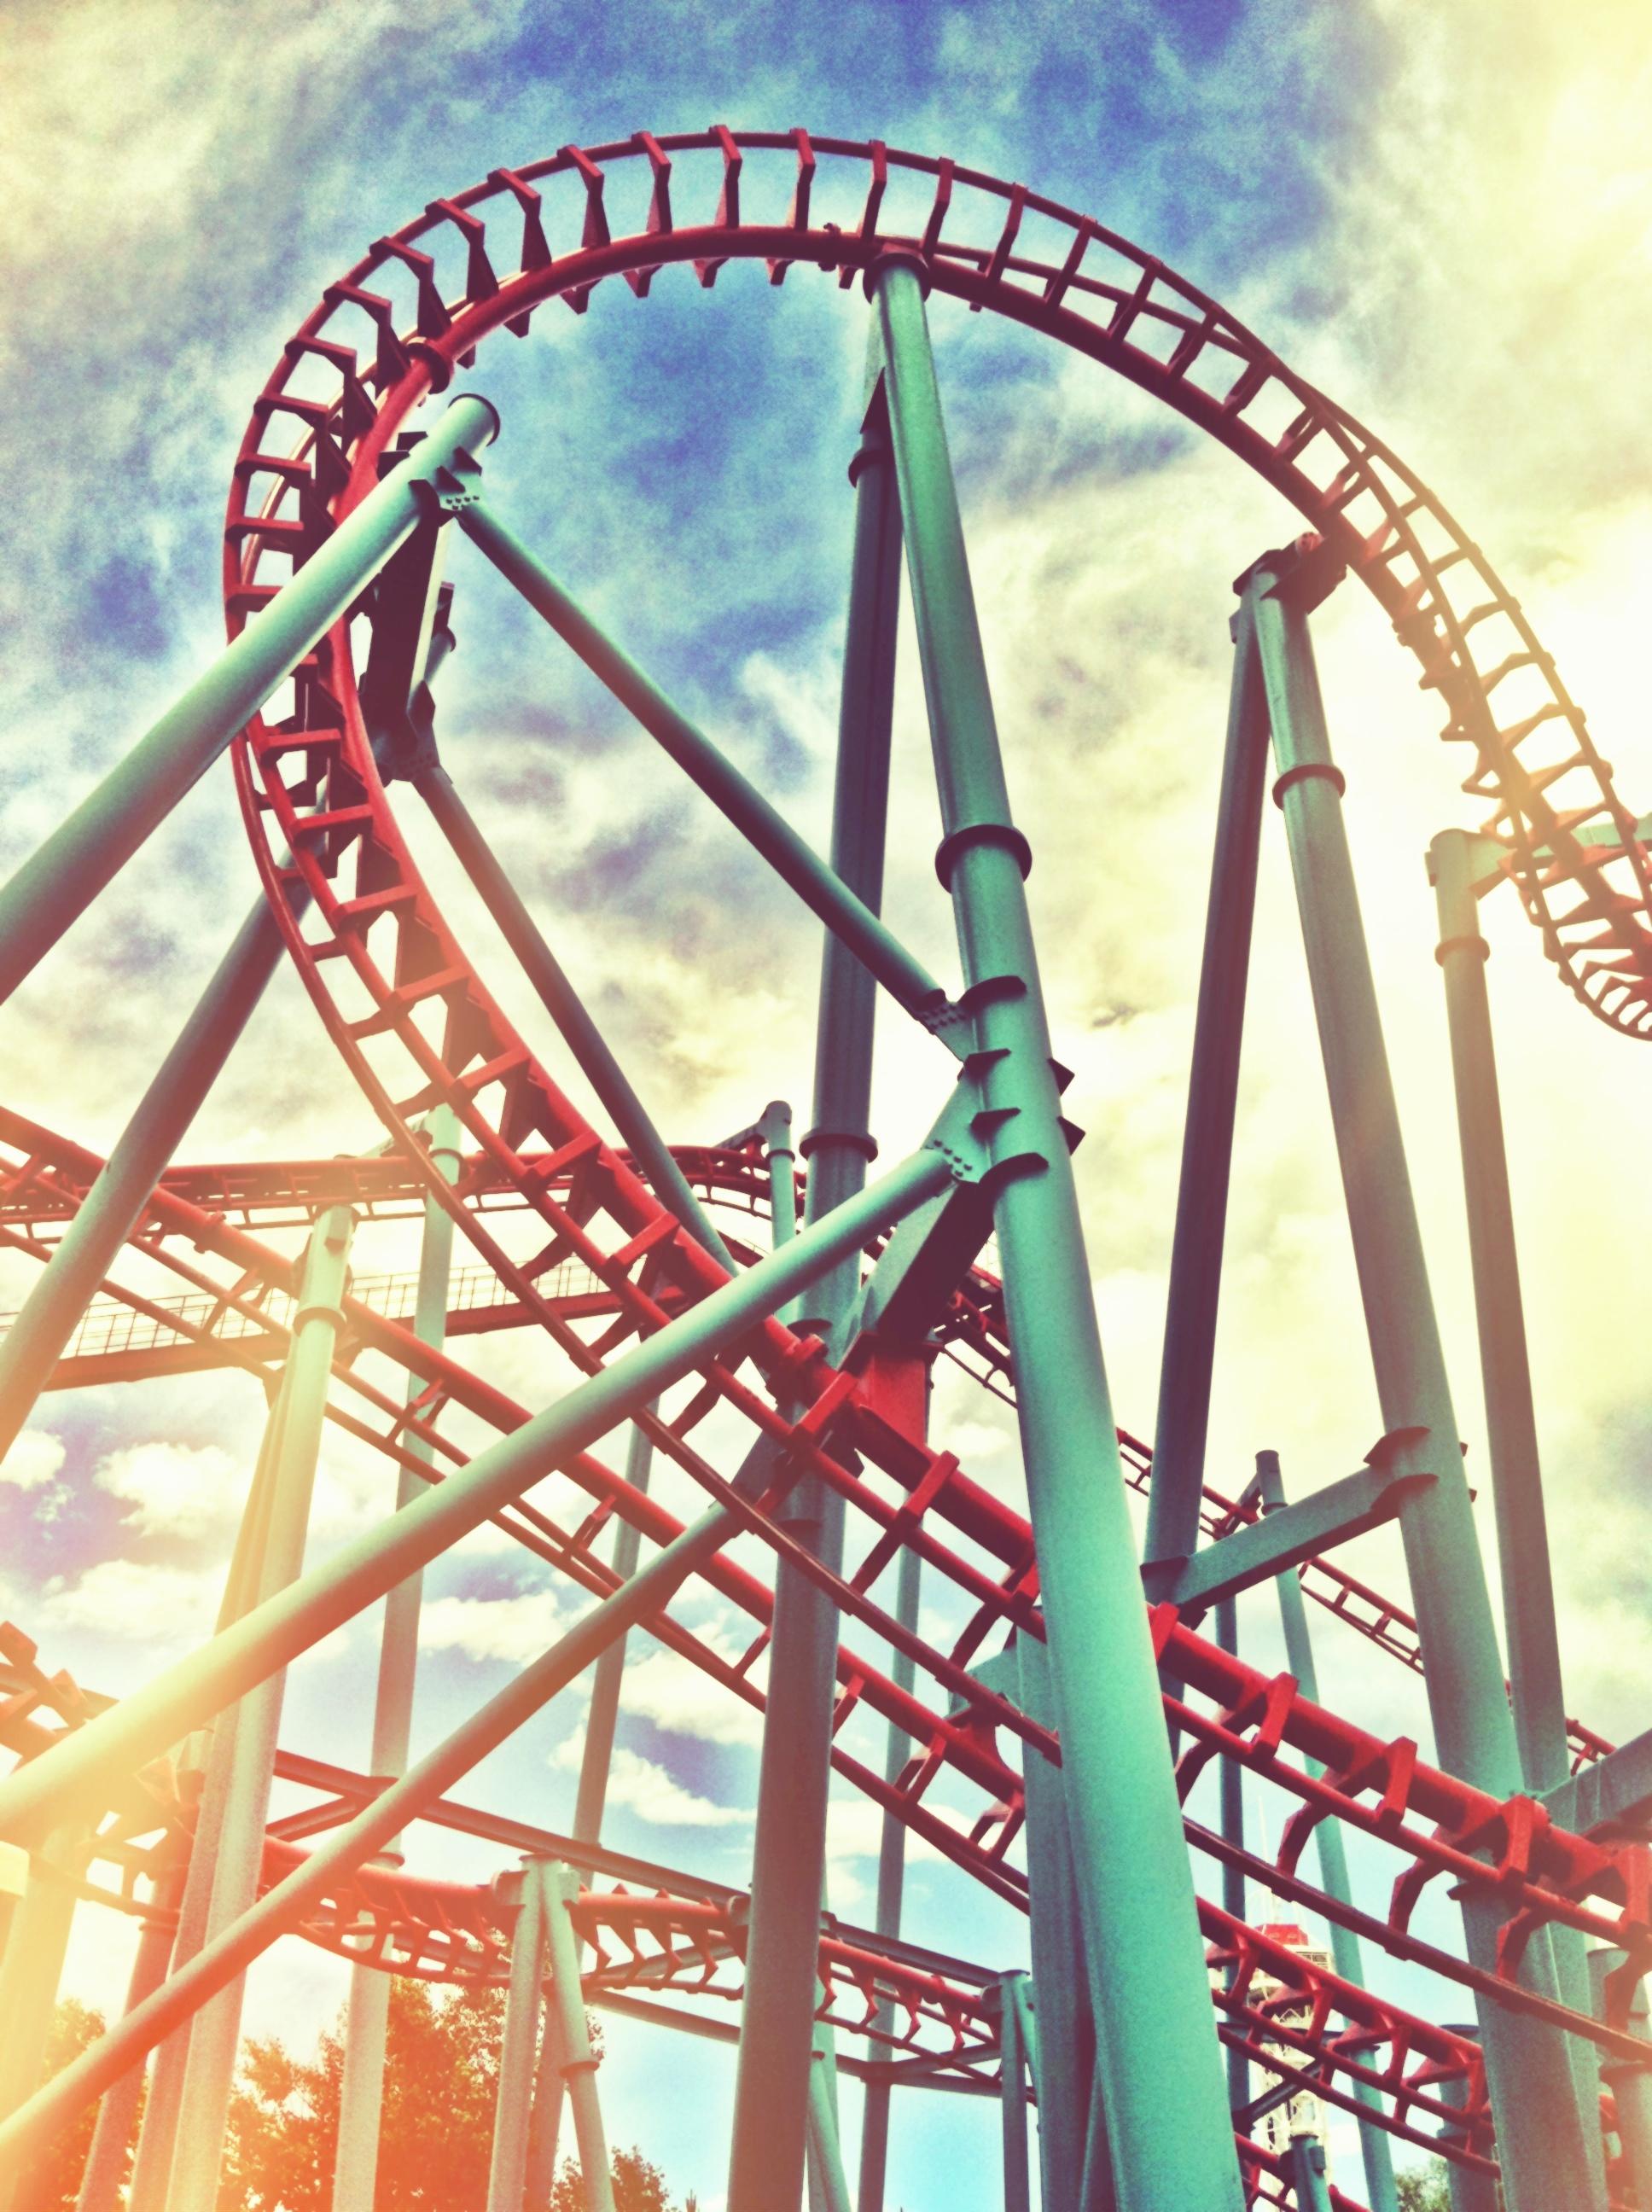 Mind Eraser Roller Coaster